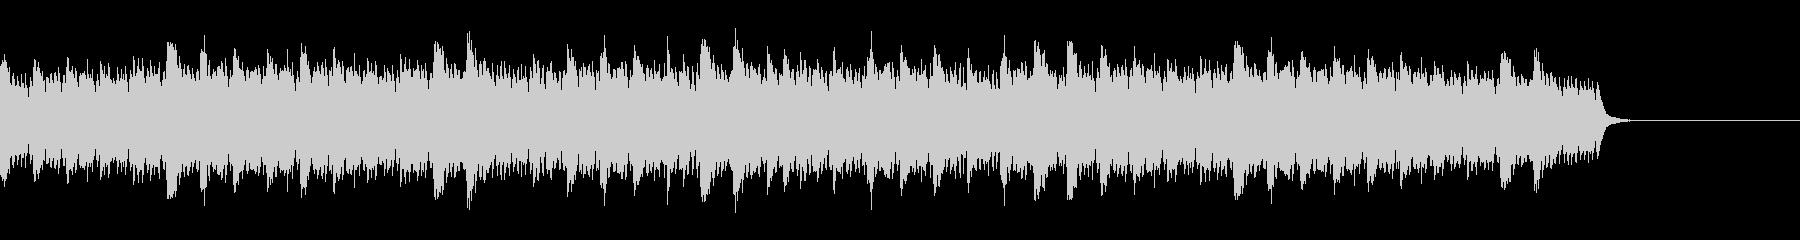 卒業式や式典用の超シンプルピアノBGMの未再生の波形